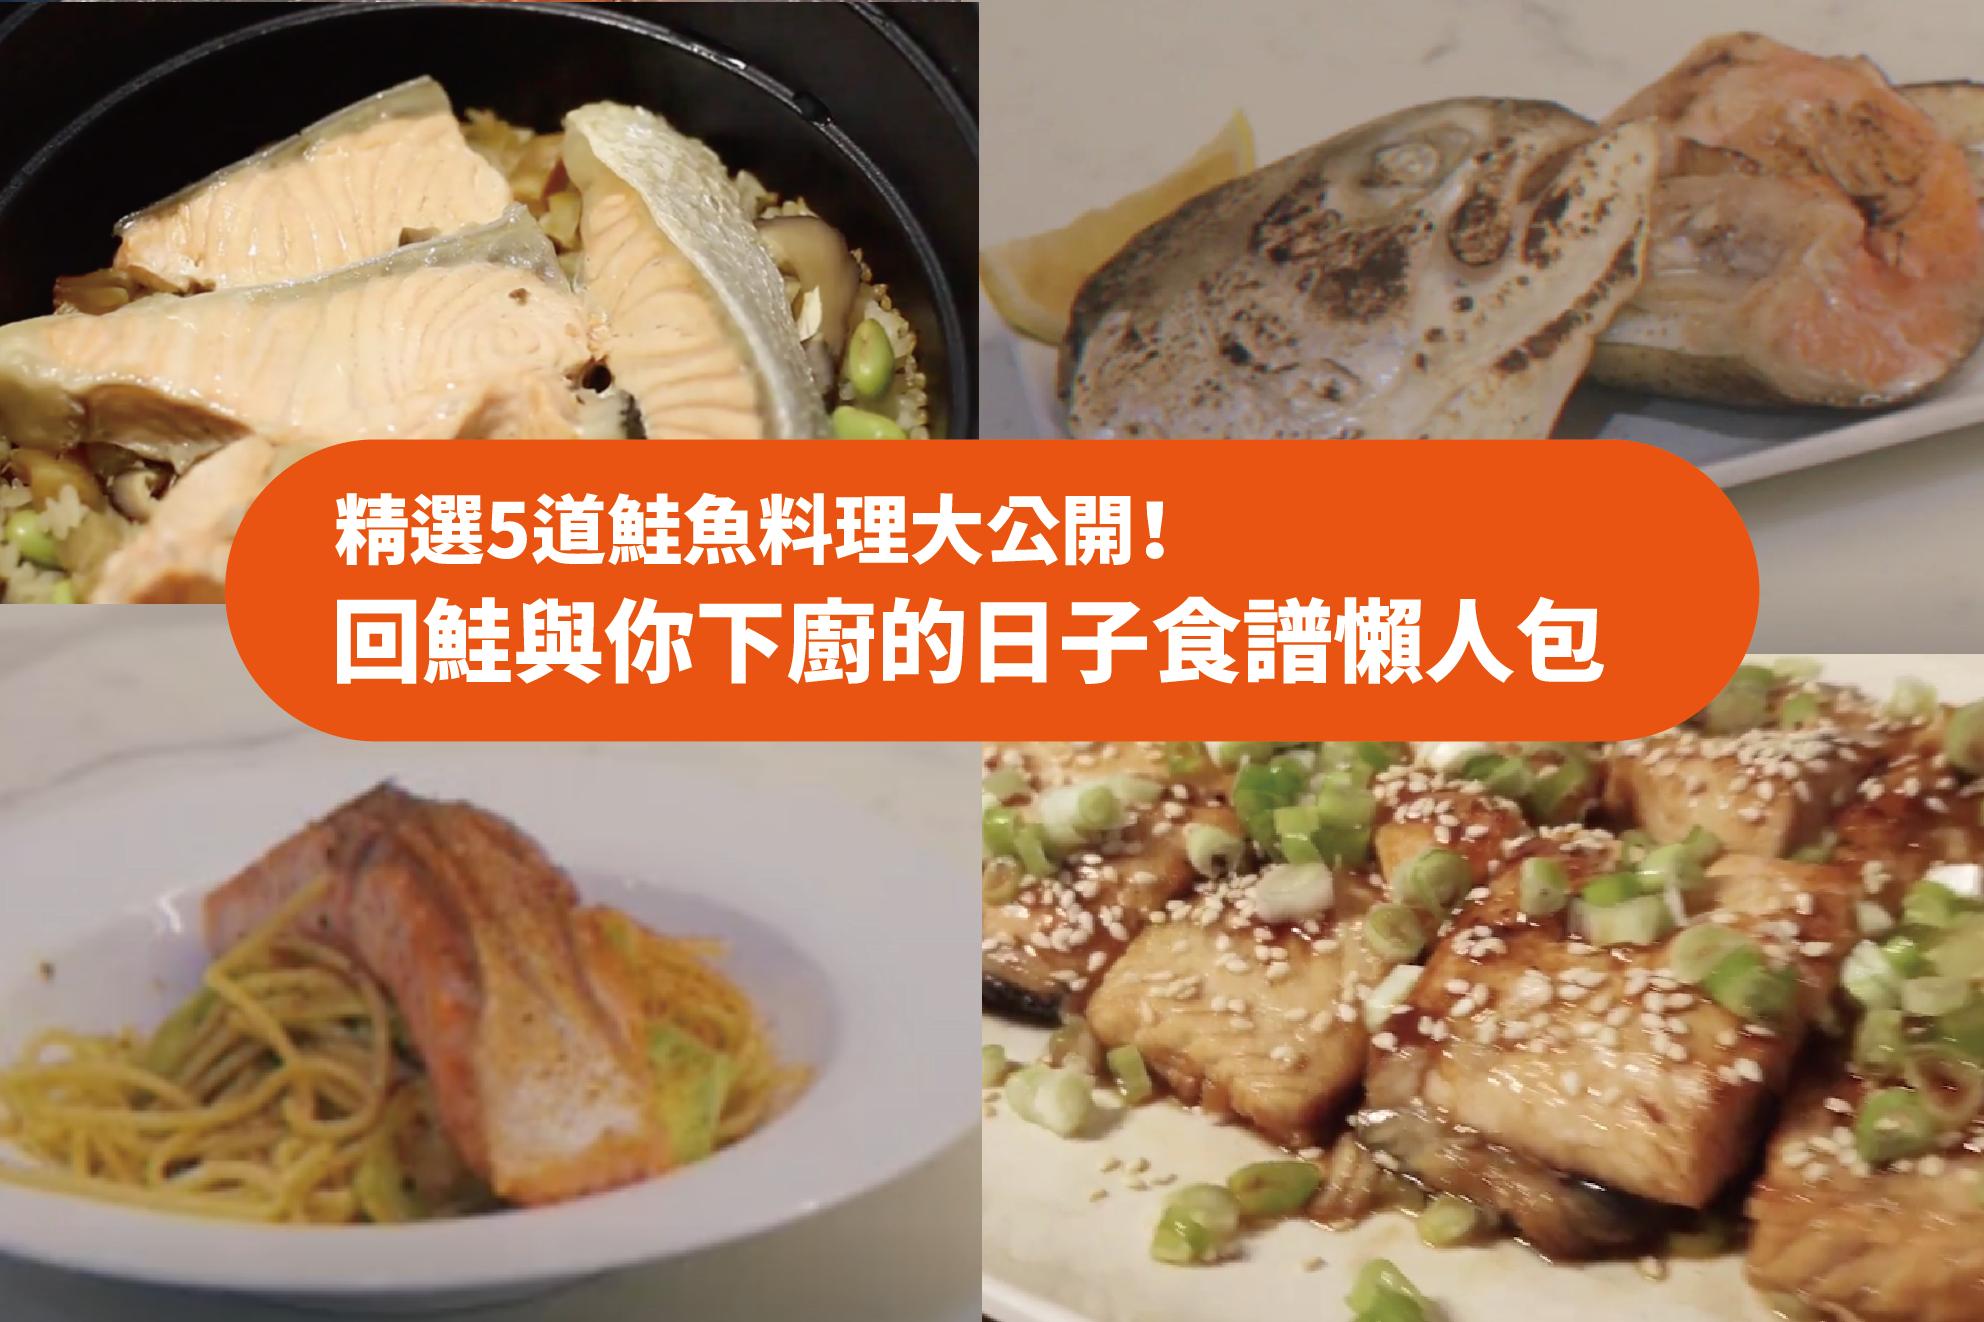 回鮭與你下廚的日子 精選5樣鮭魚料理大公開!